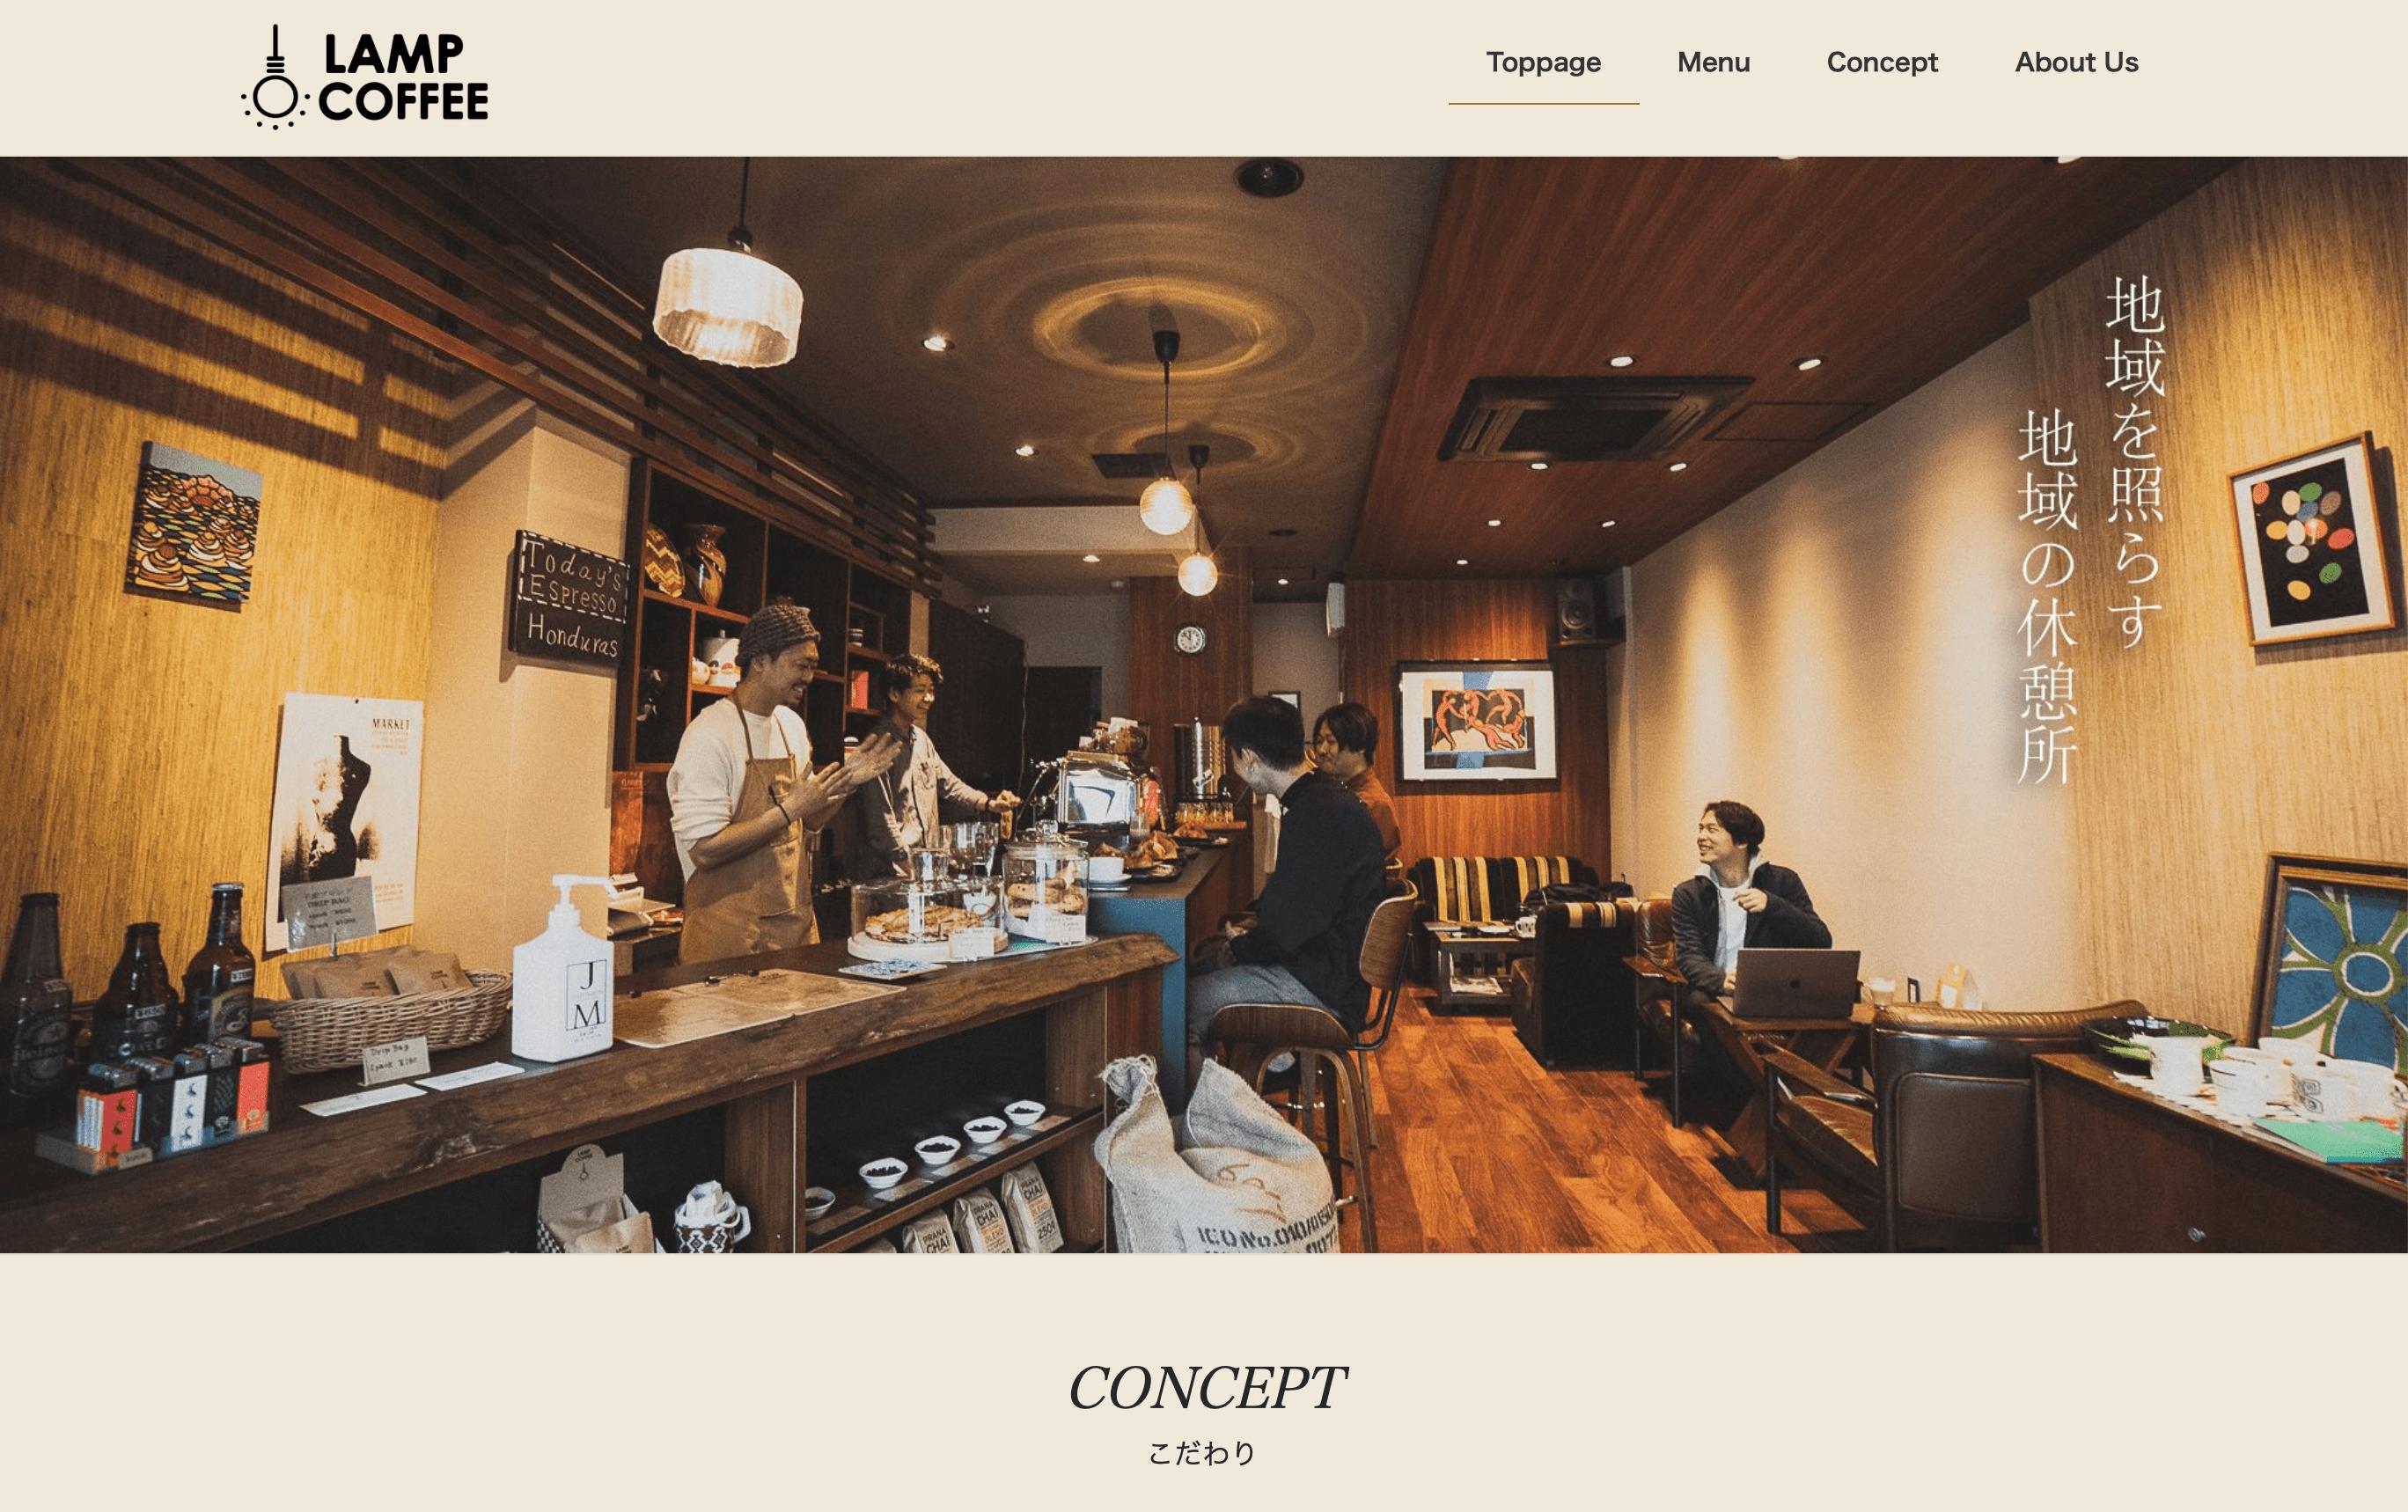 lampcoffee(ランプコーヒー)のホームページ